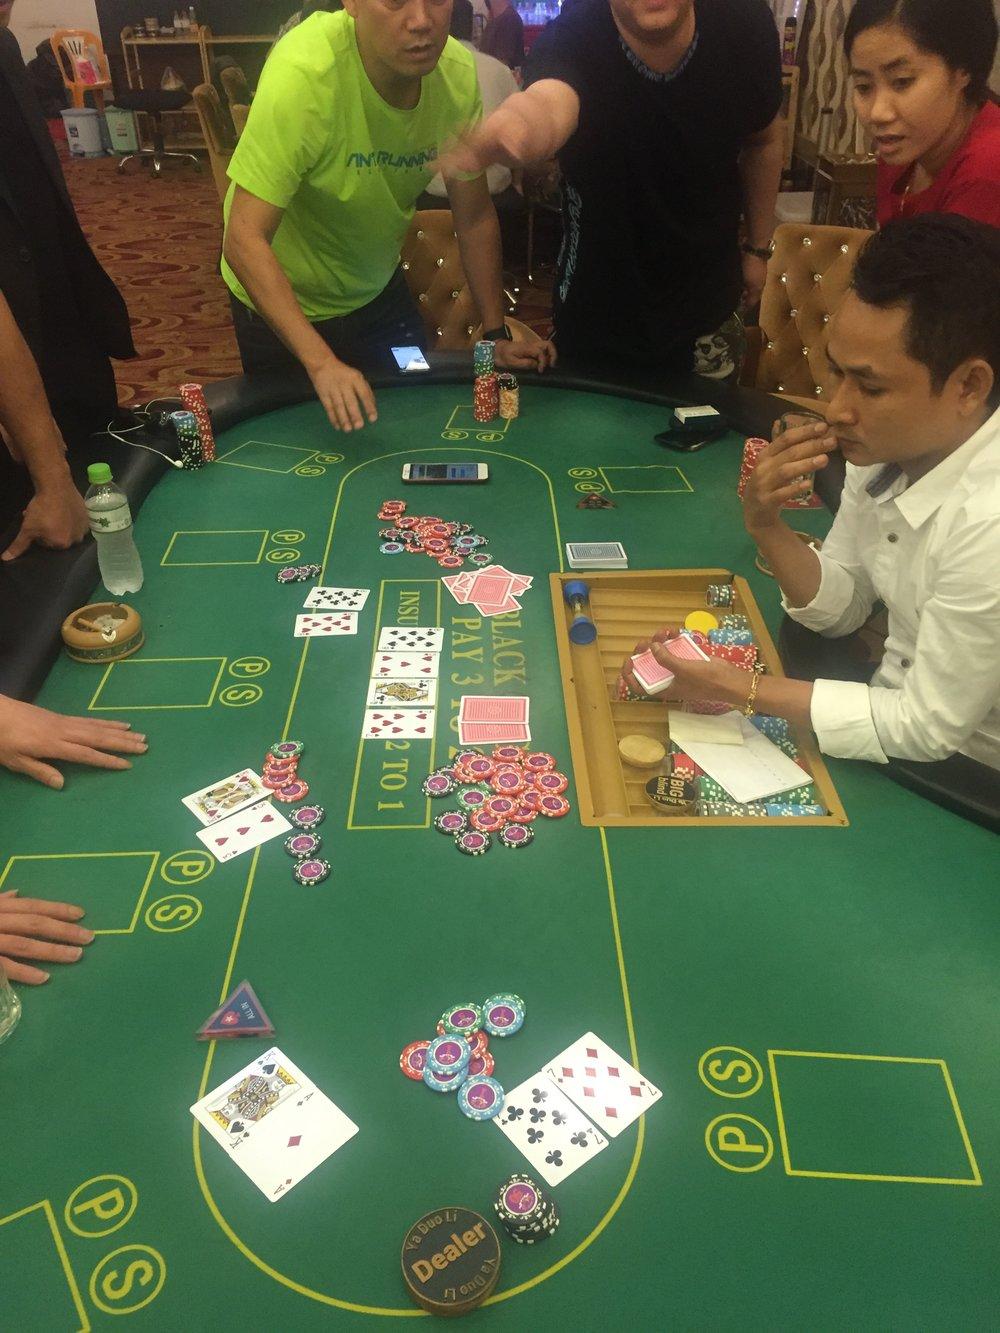 Some random poker hands